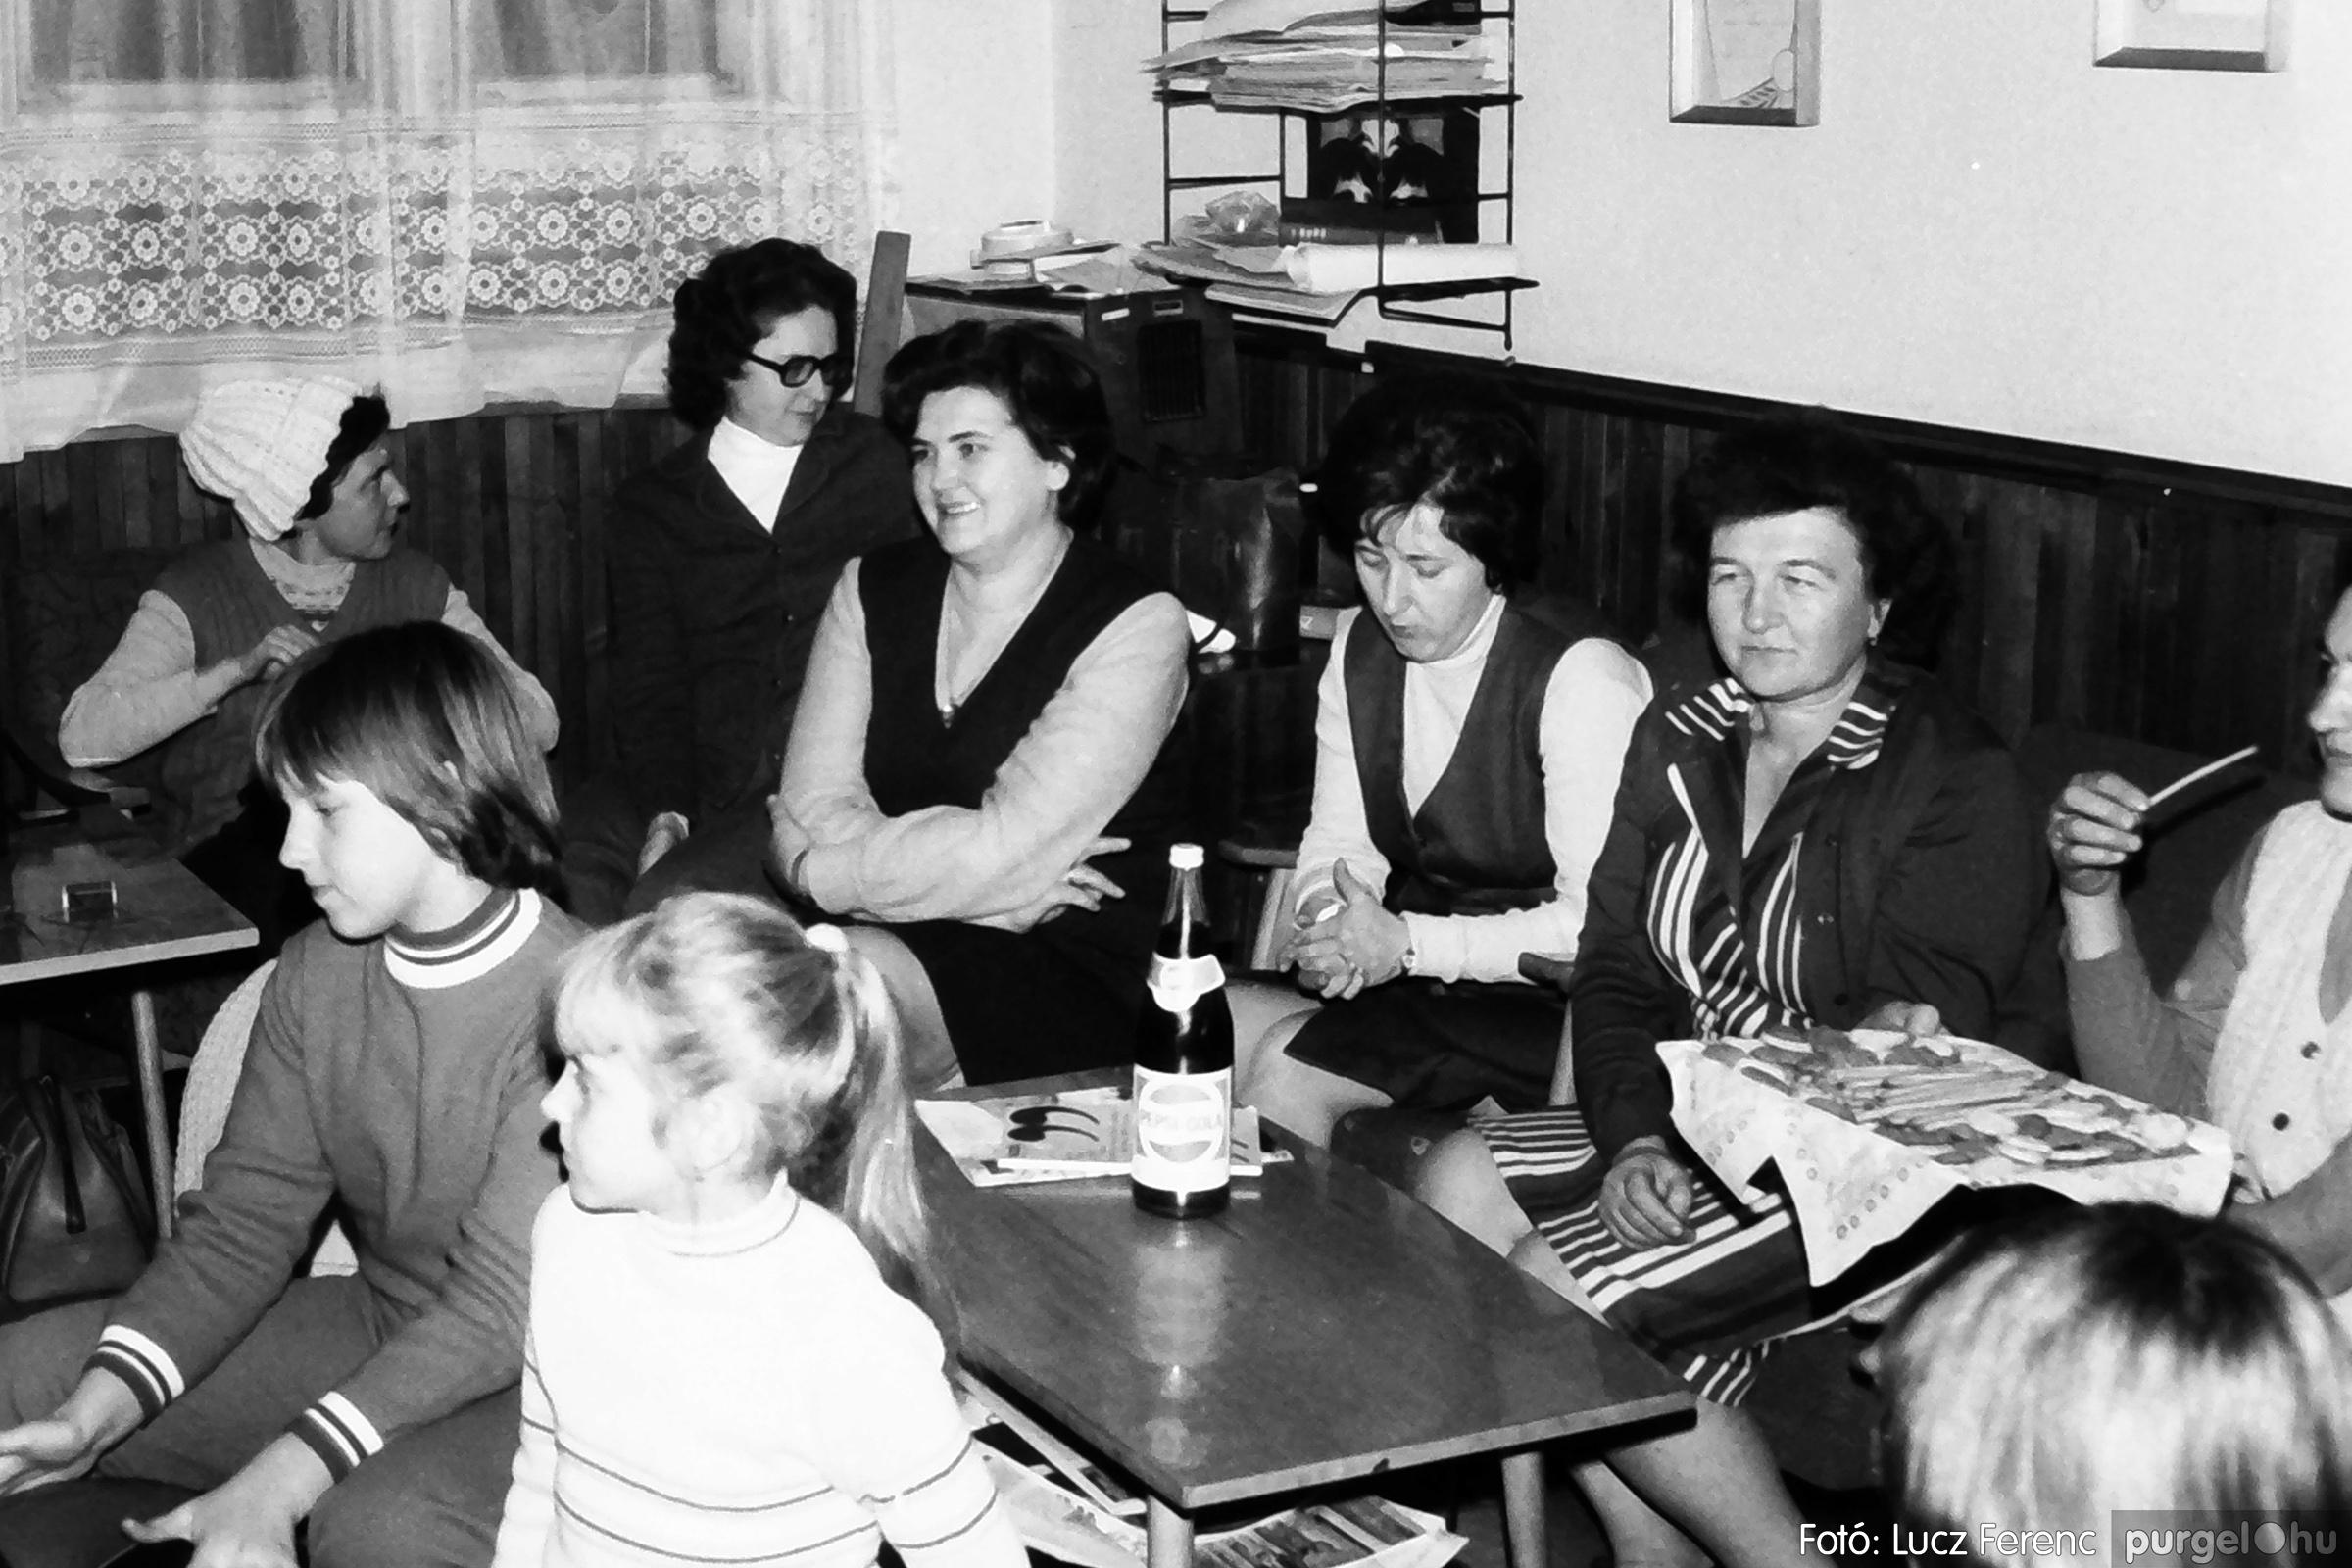 096. 1977. Karácsonyi összejövetel a kultúrházban 016. - Fotó: Lucz Ferenc.jpg